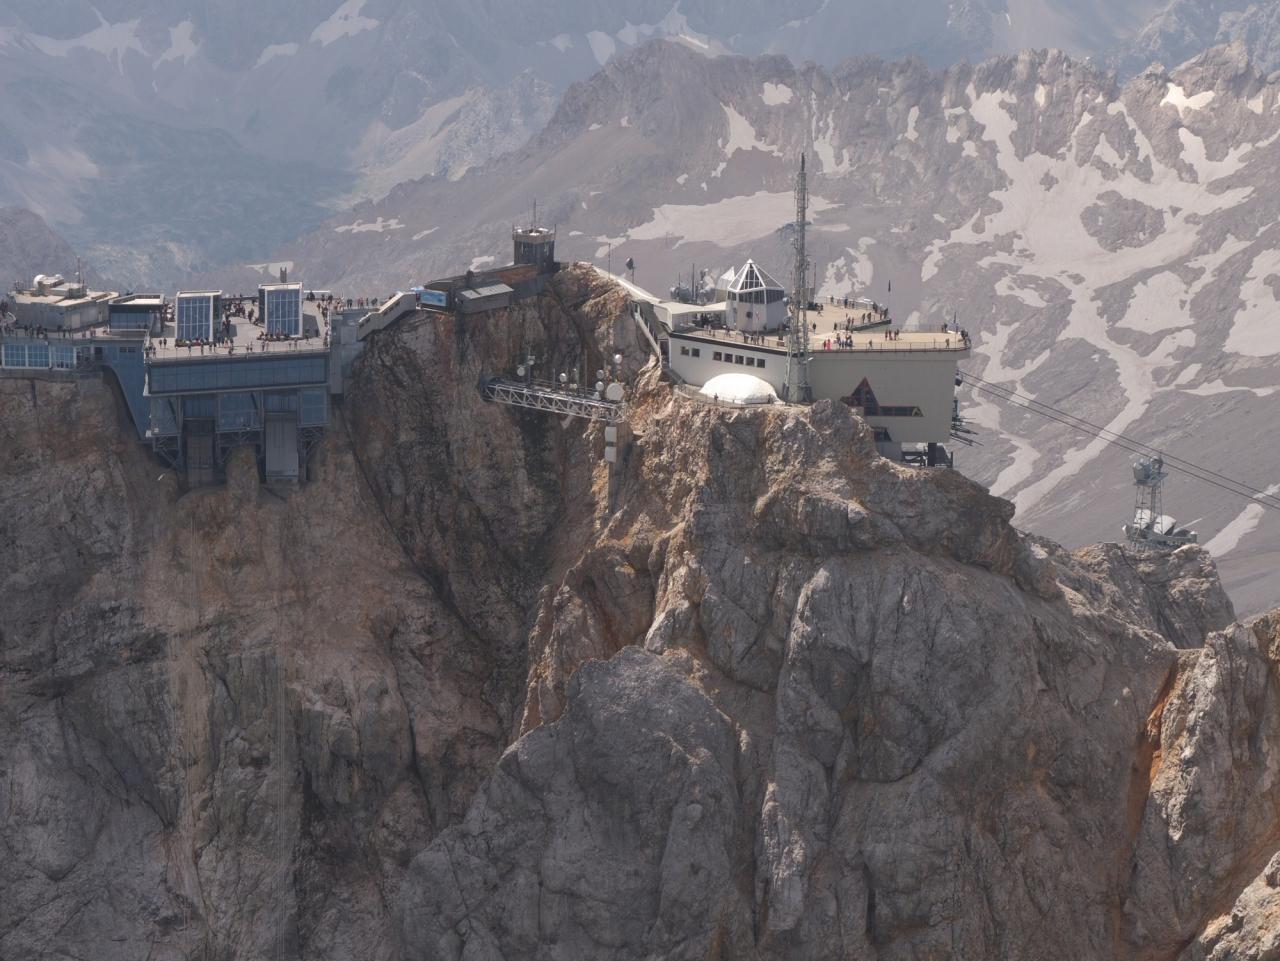 2020 D-MROI Hitzeflug zur Zugspitze am 1.August 2020-08-02 - Rundflug von Deggendorf aus > 30 C, immer wieder Thermik zum motorschonenden Steigen genutzt.